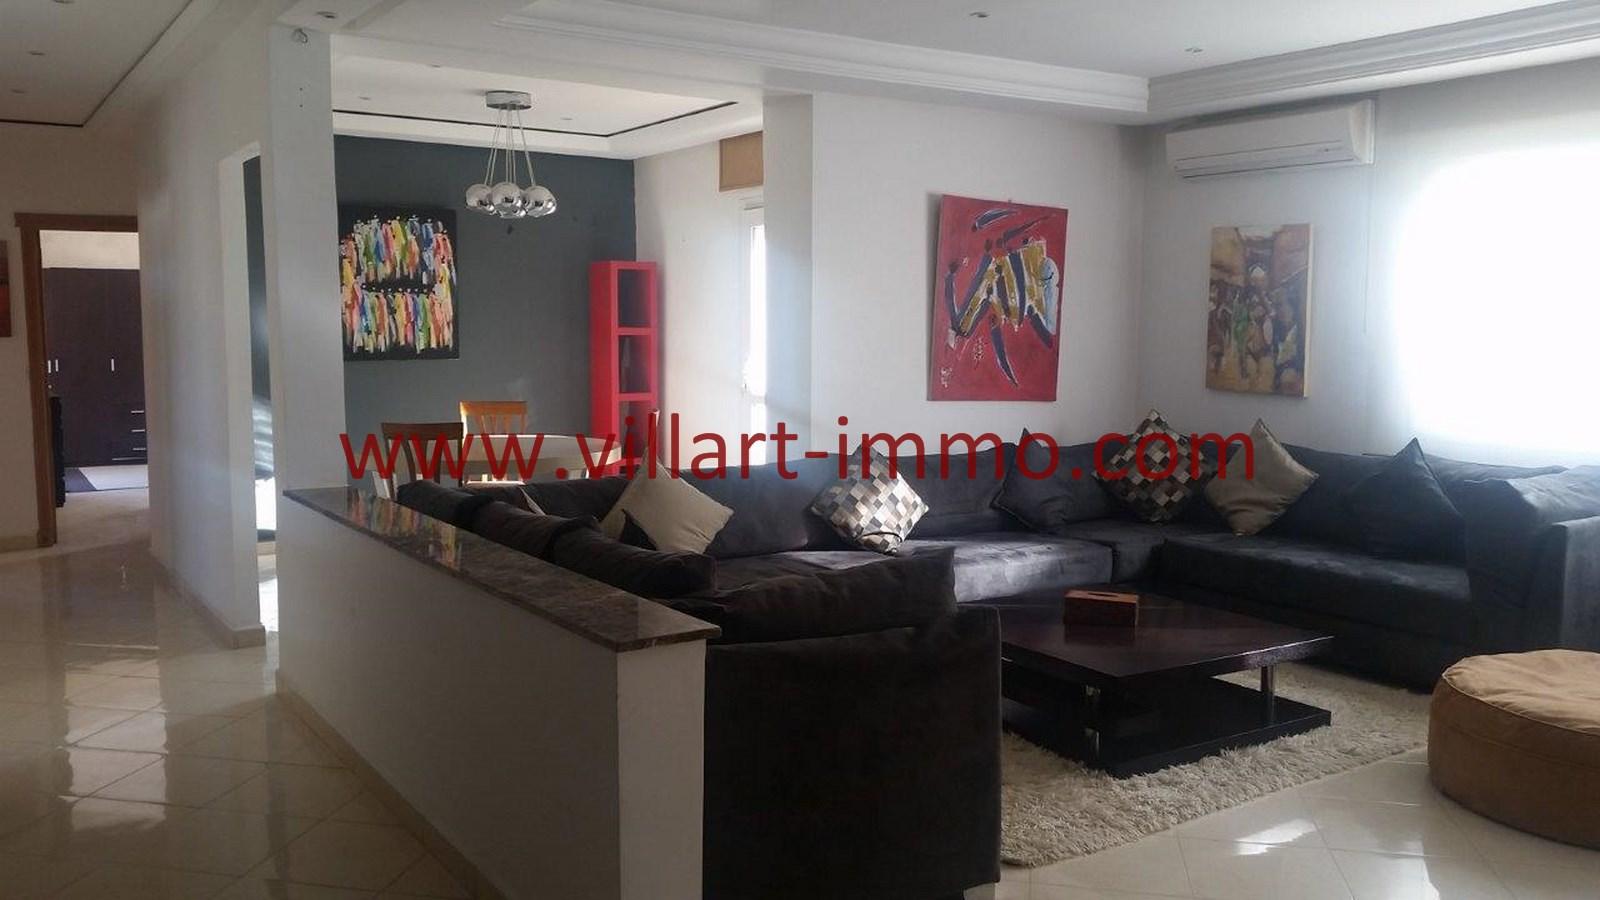 1-A louer-Appartement-Meublé-Tanger-Salon 1-L911-Villart immo